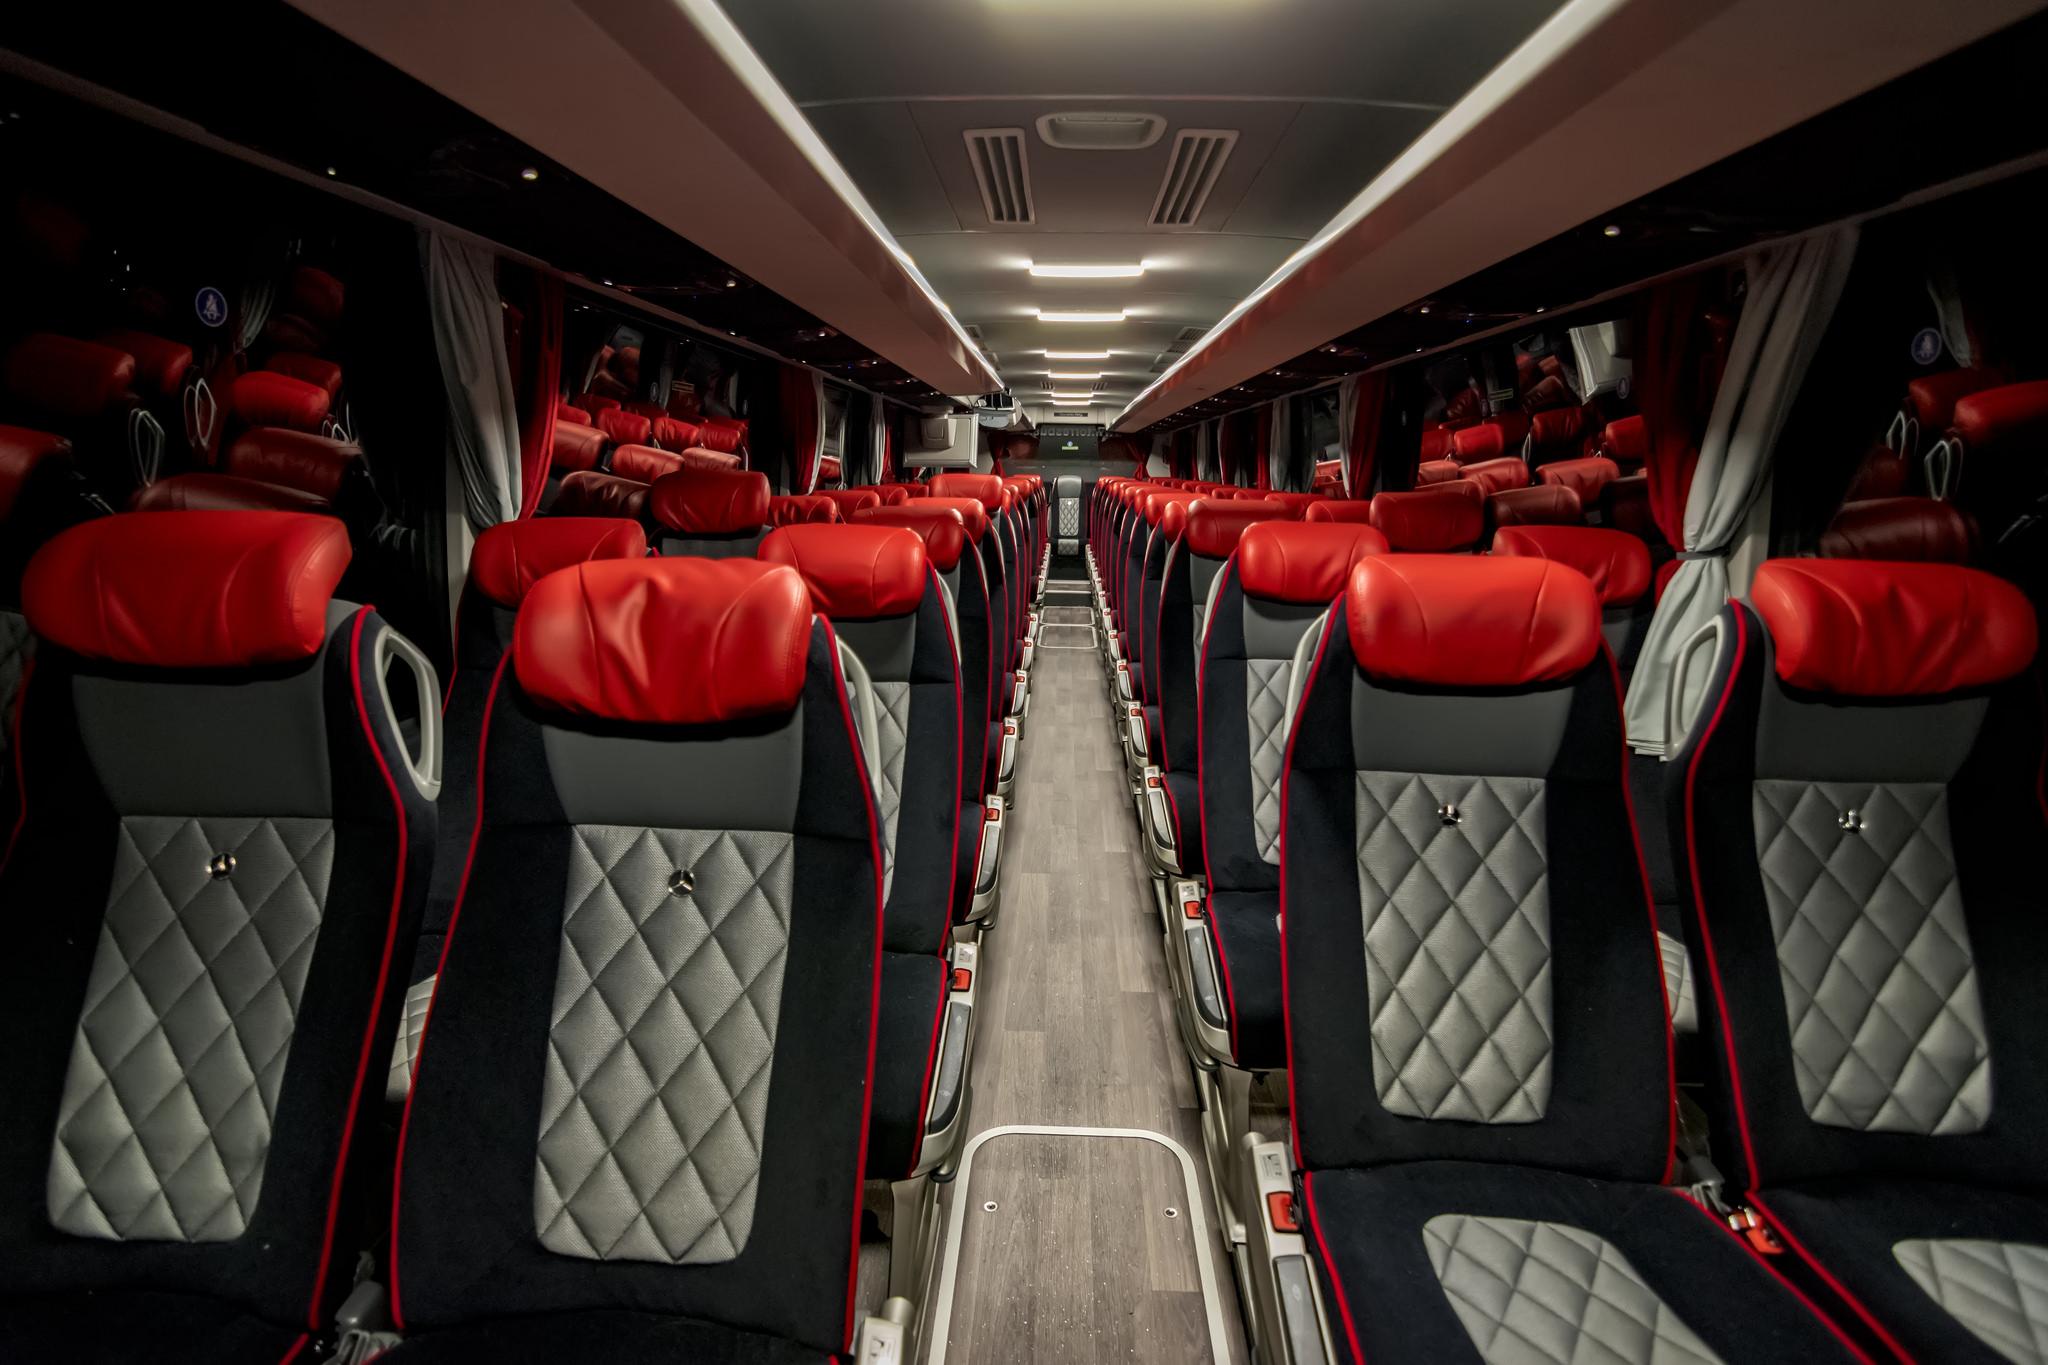 cómo elegir el mejor asiento de autobús